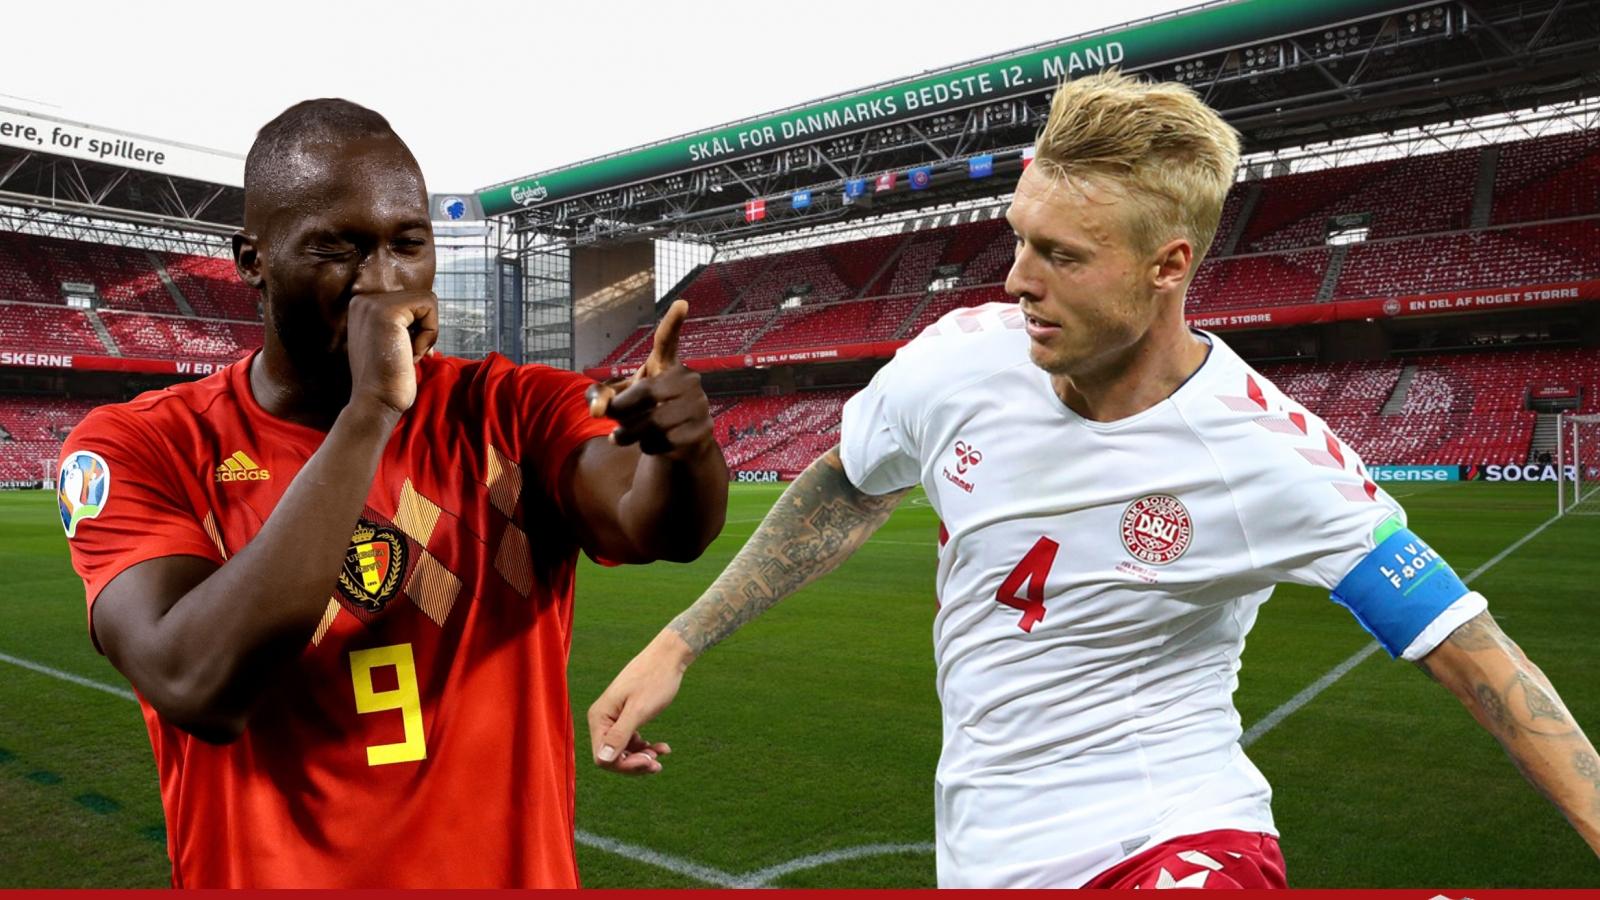 Dự đoán tỷ số, đội hình xuất phát trận Đan Mạch - Bỉ